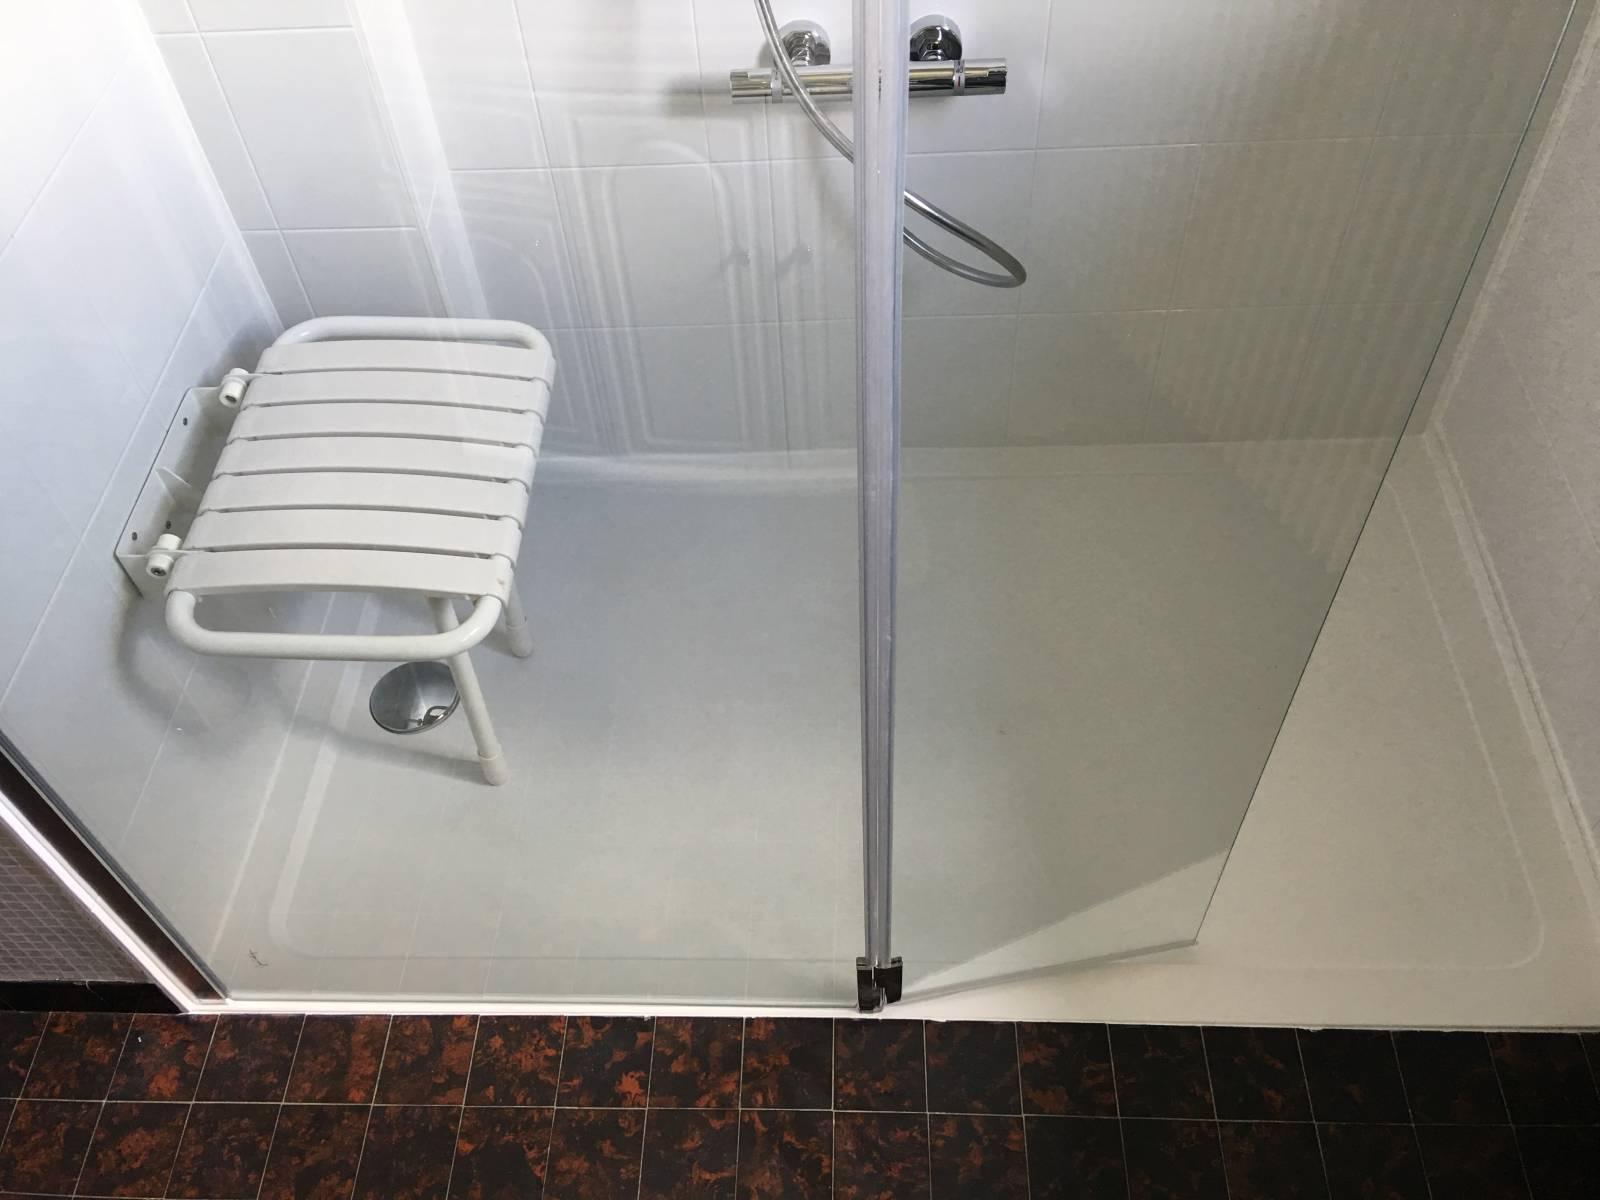 sp cialiste remplacement baignoire par douche senior s curis e bouc bel air et dans tout le. Black Bedroom Furniture Sets. Home Design Ideas